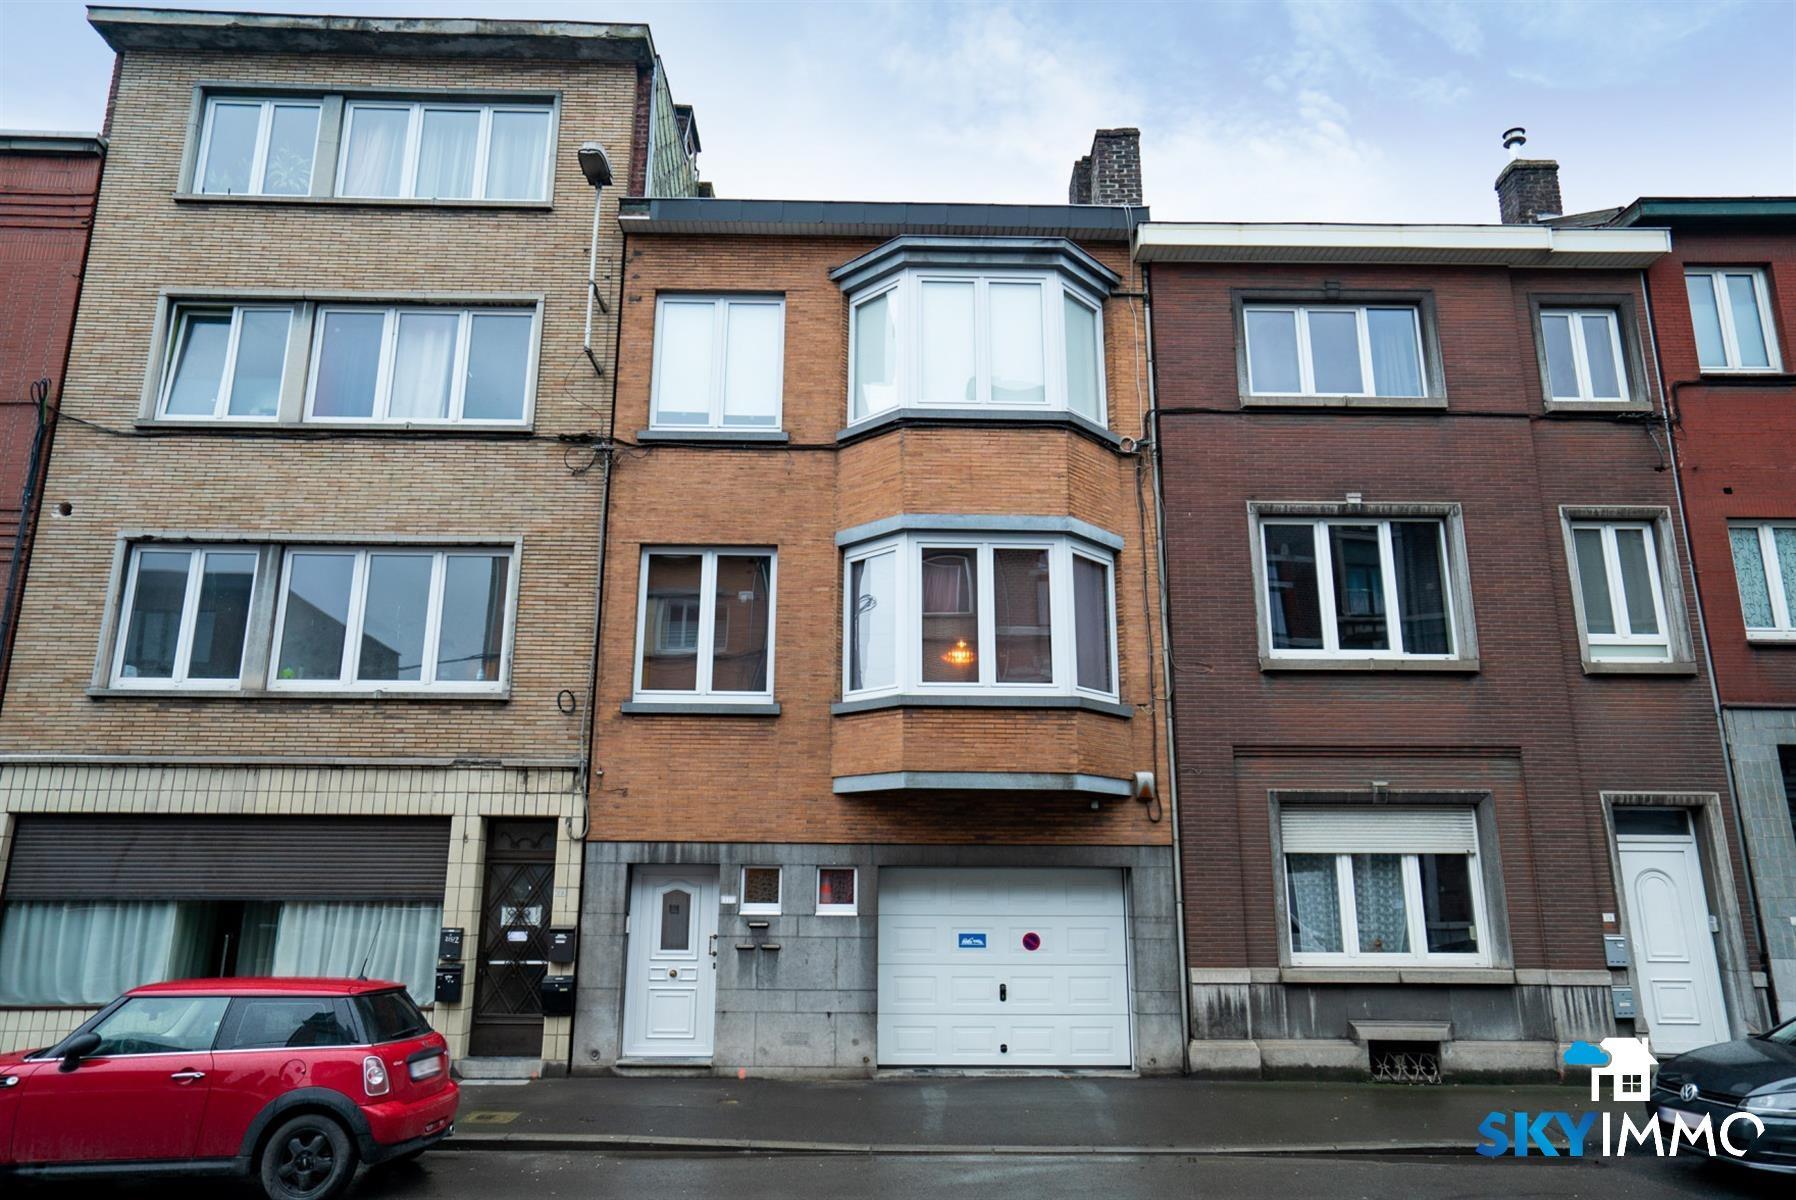 Maison - Liège - #4262984-4